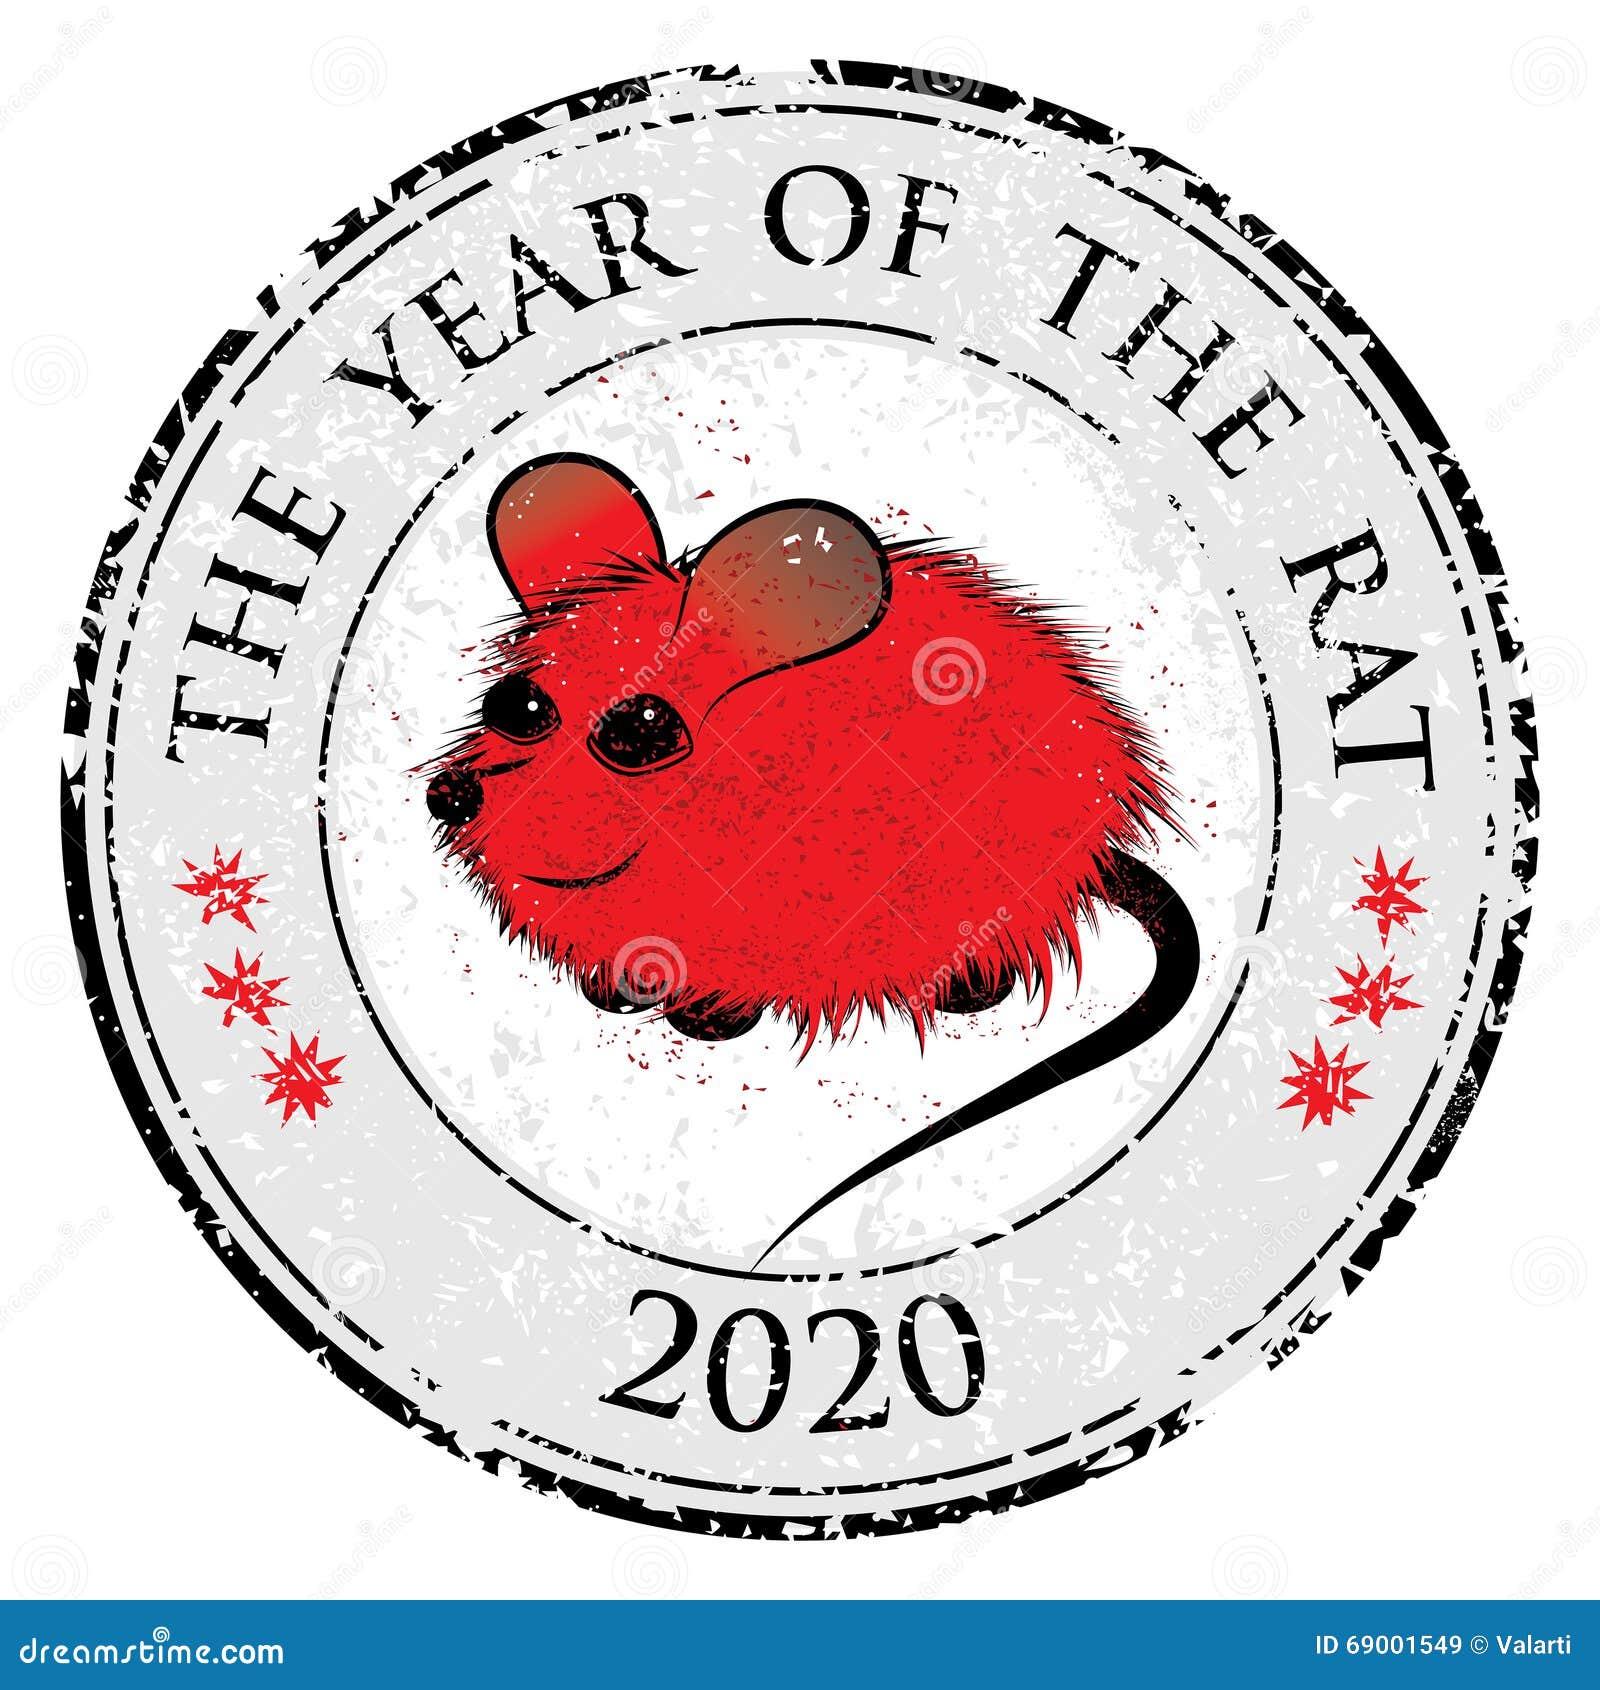 Szczur, mysz horoskopu zwierzęcia chiński znak Wektorowy stemplowy sztuka wizerunek w dekoracyjnym stylu